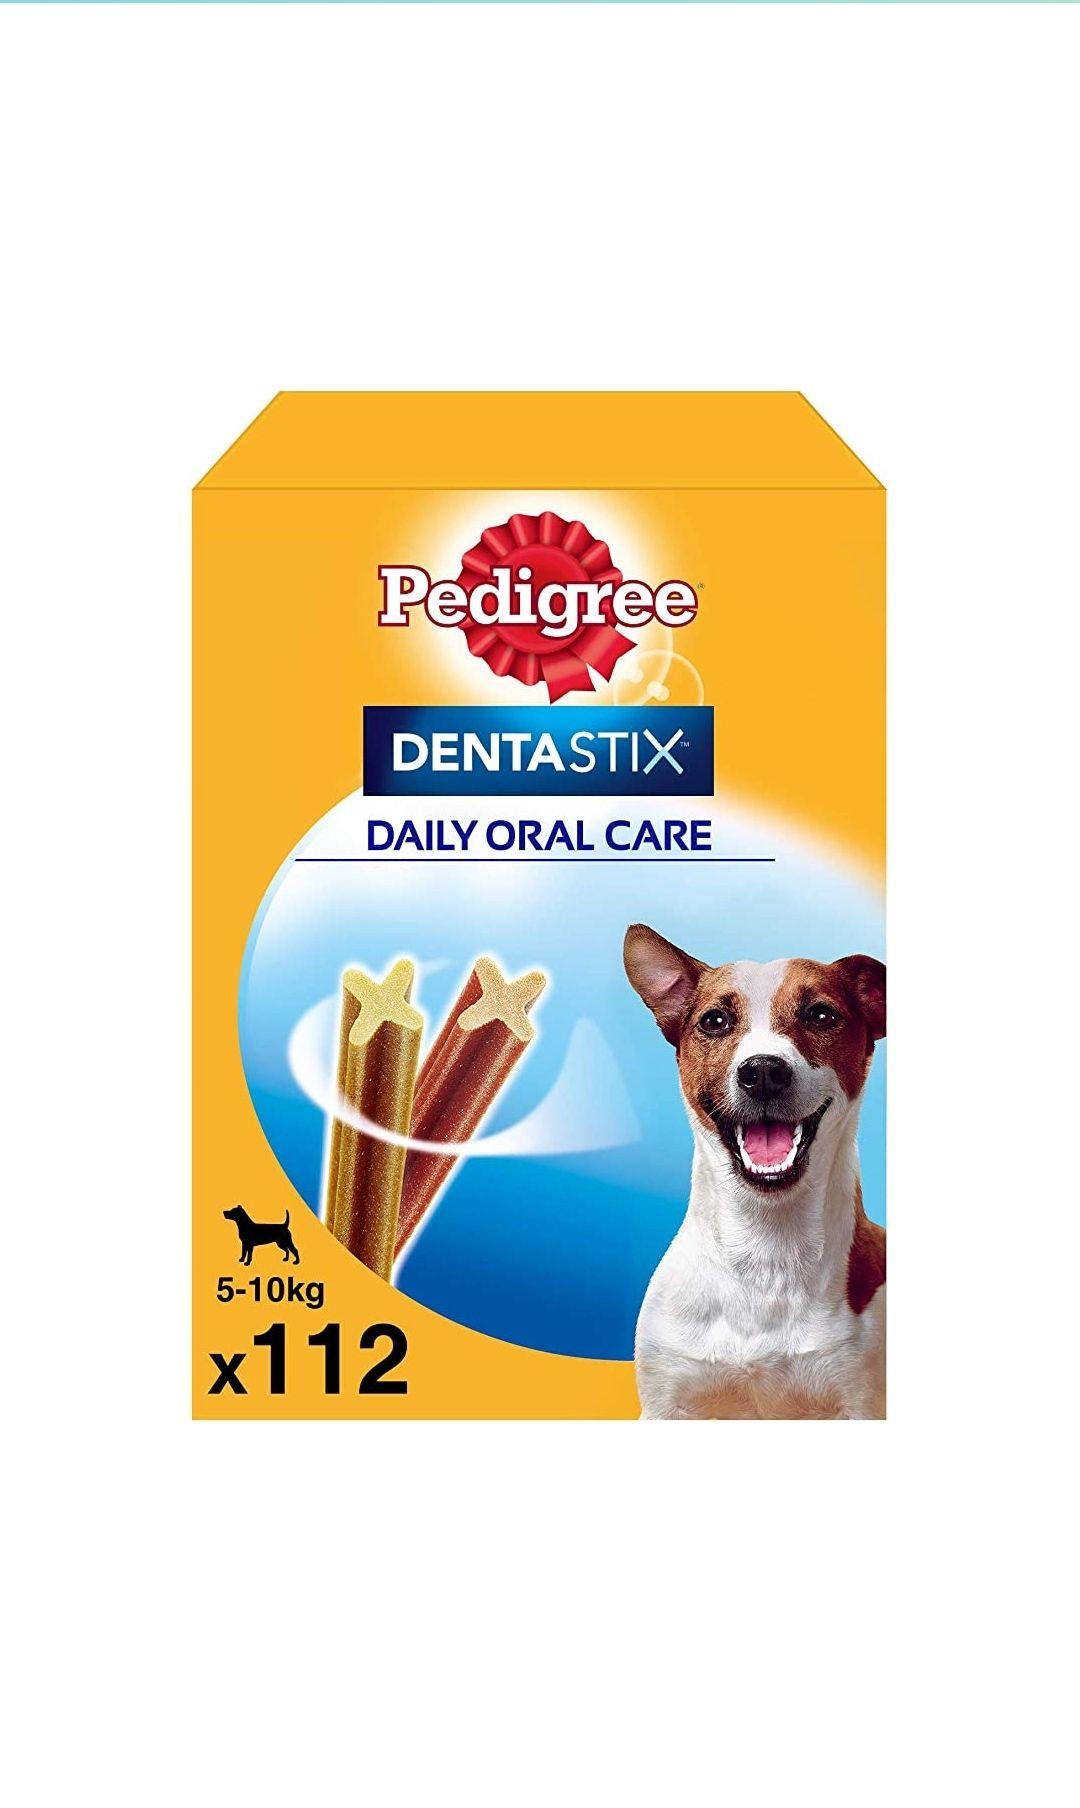 112 Dentastix a 12,32 (Prime y 1° suscripción)